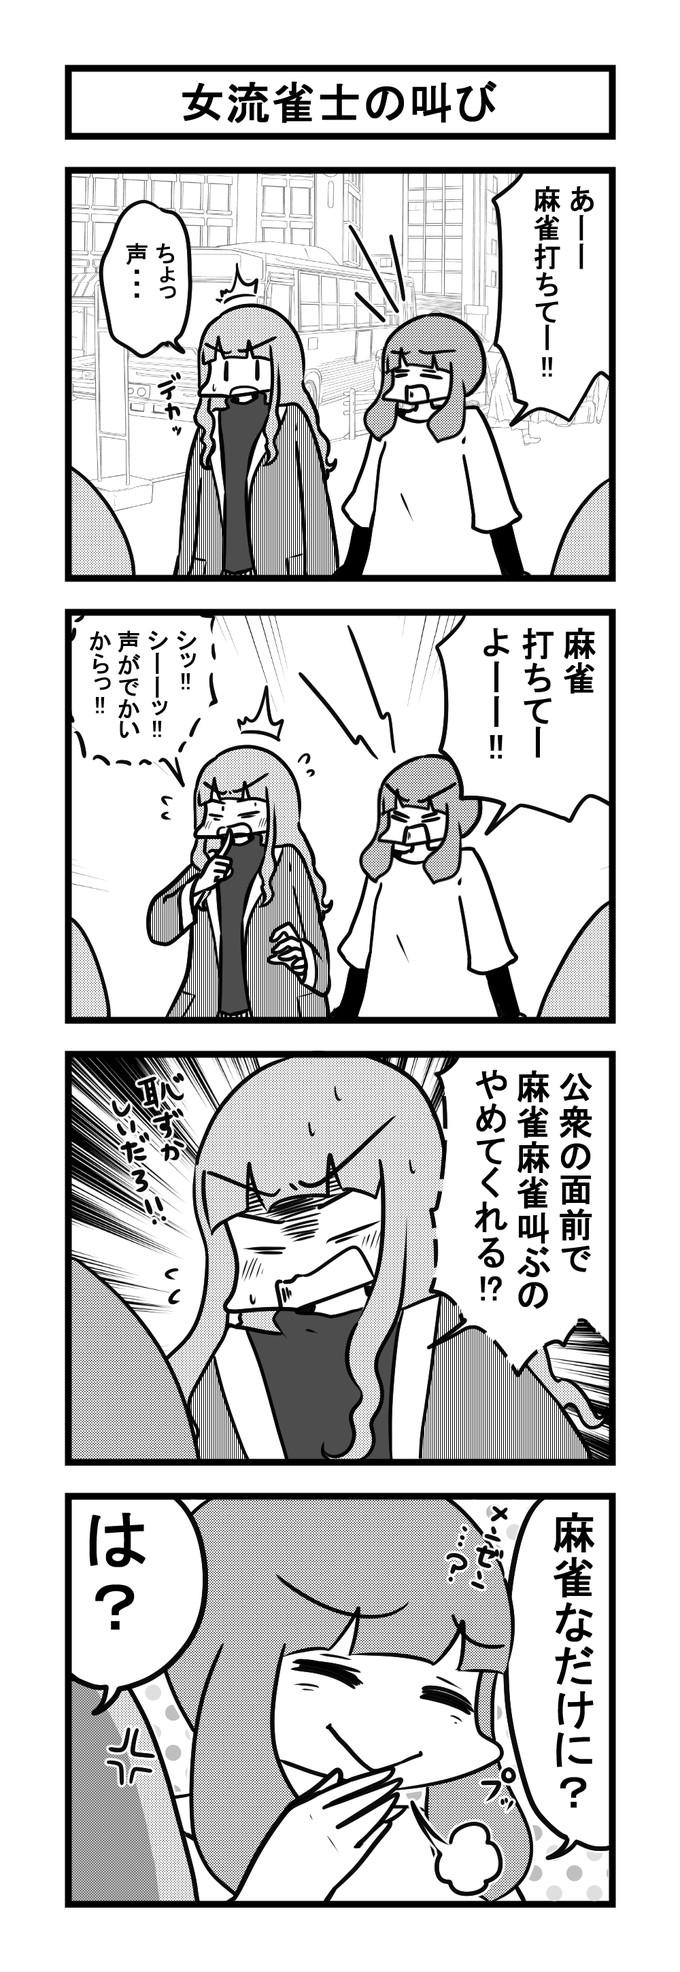 992女流雀士の叫び-min